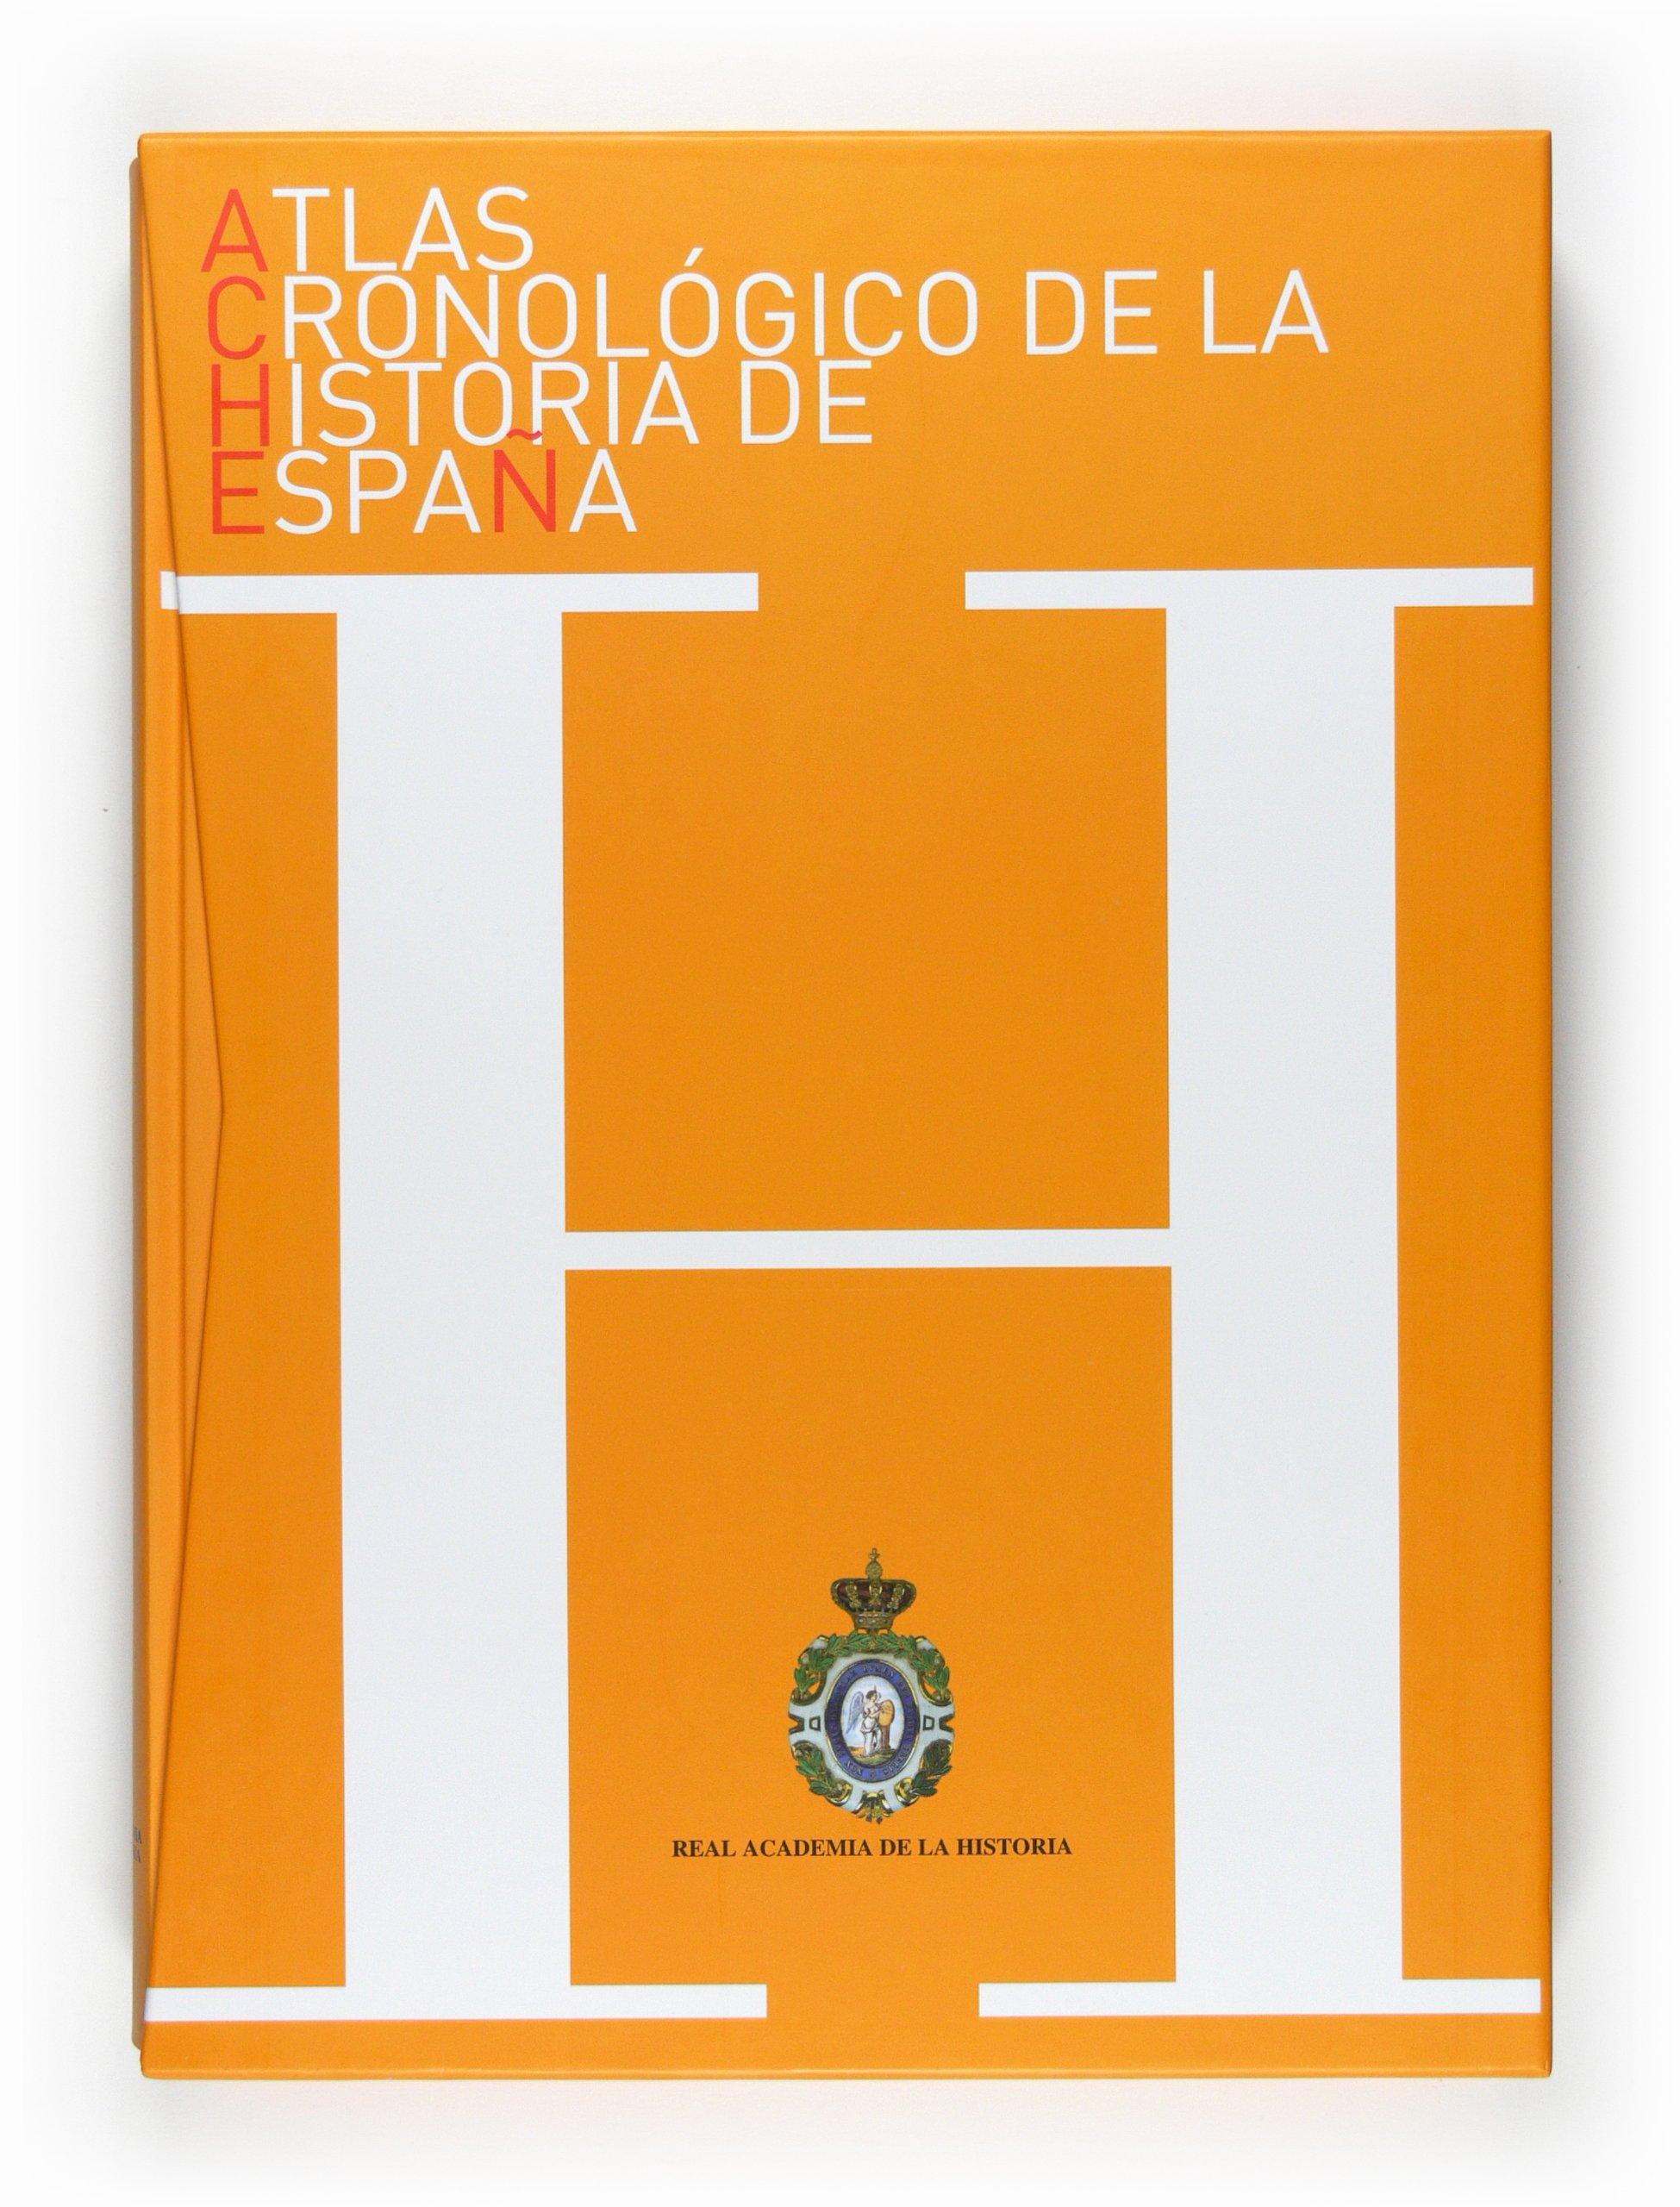 Atlas Cronológico de la Historia de España: ACHE: Amazon.es: Real Academia de la Historia,: Libros